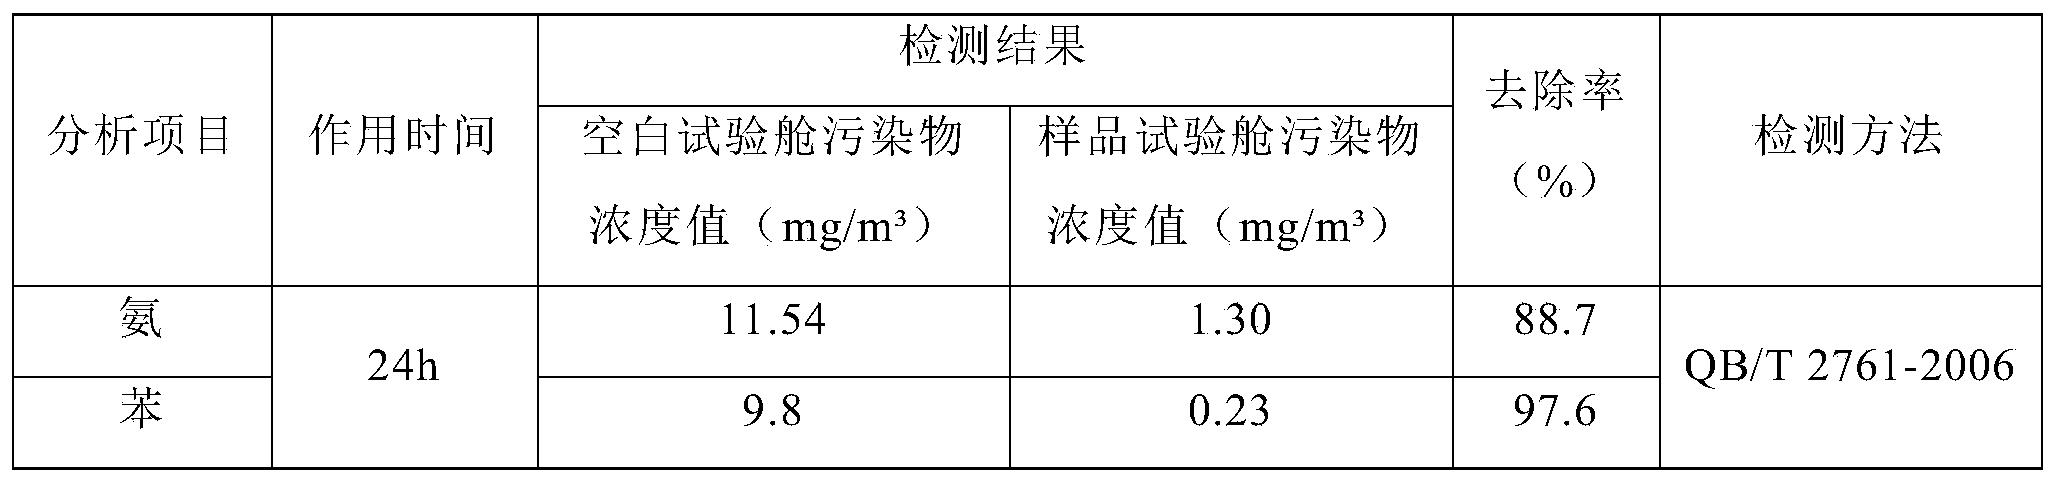 Figure PCTCN2019077911-appb-000002